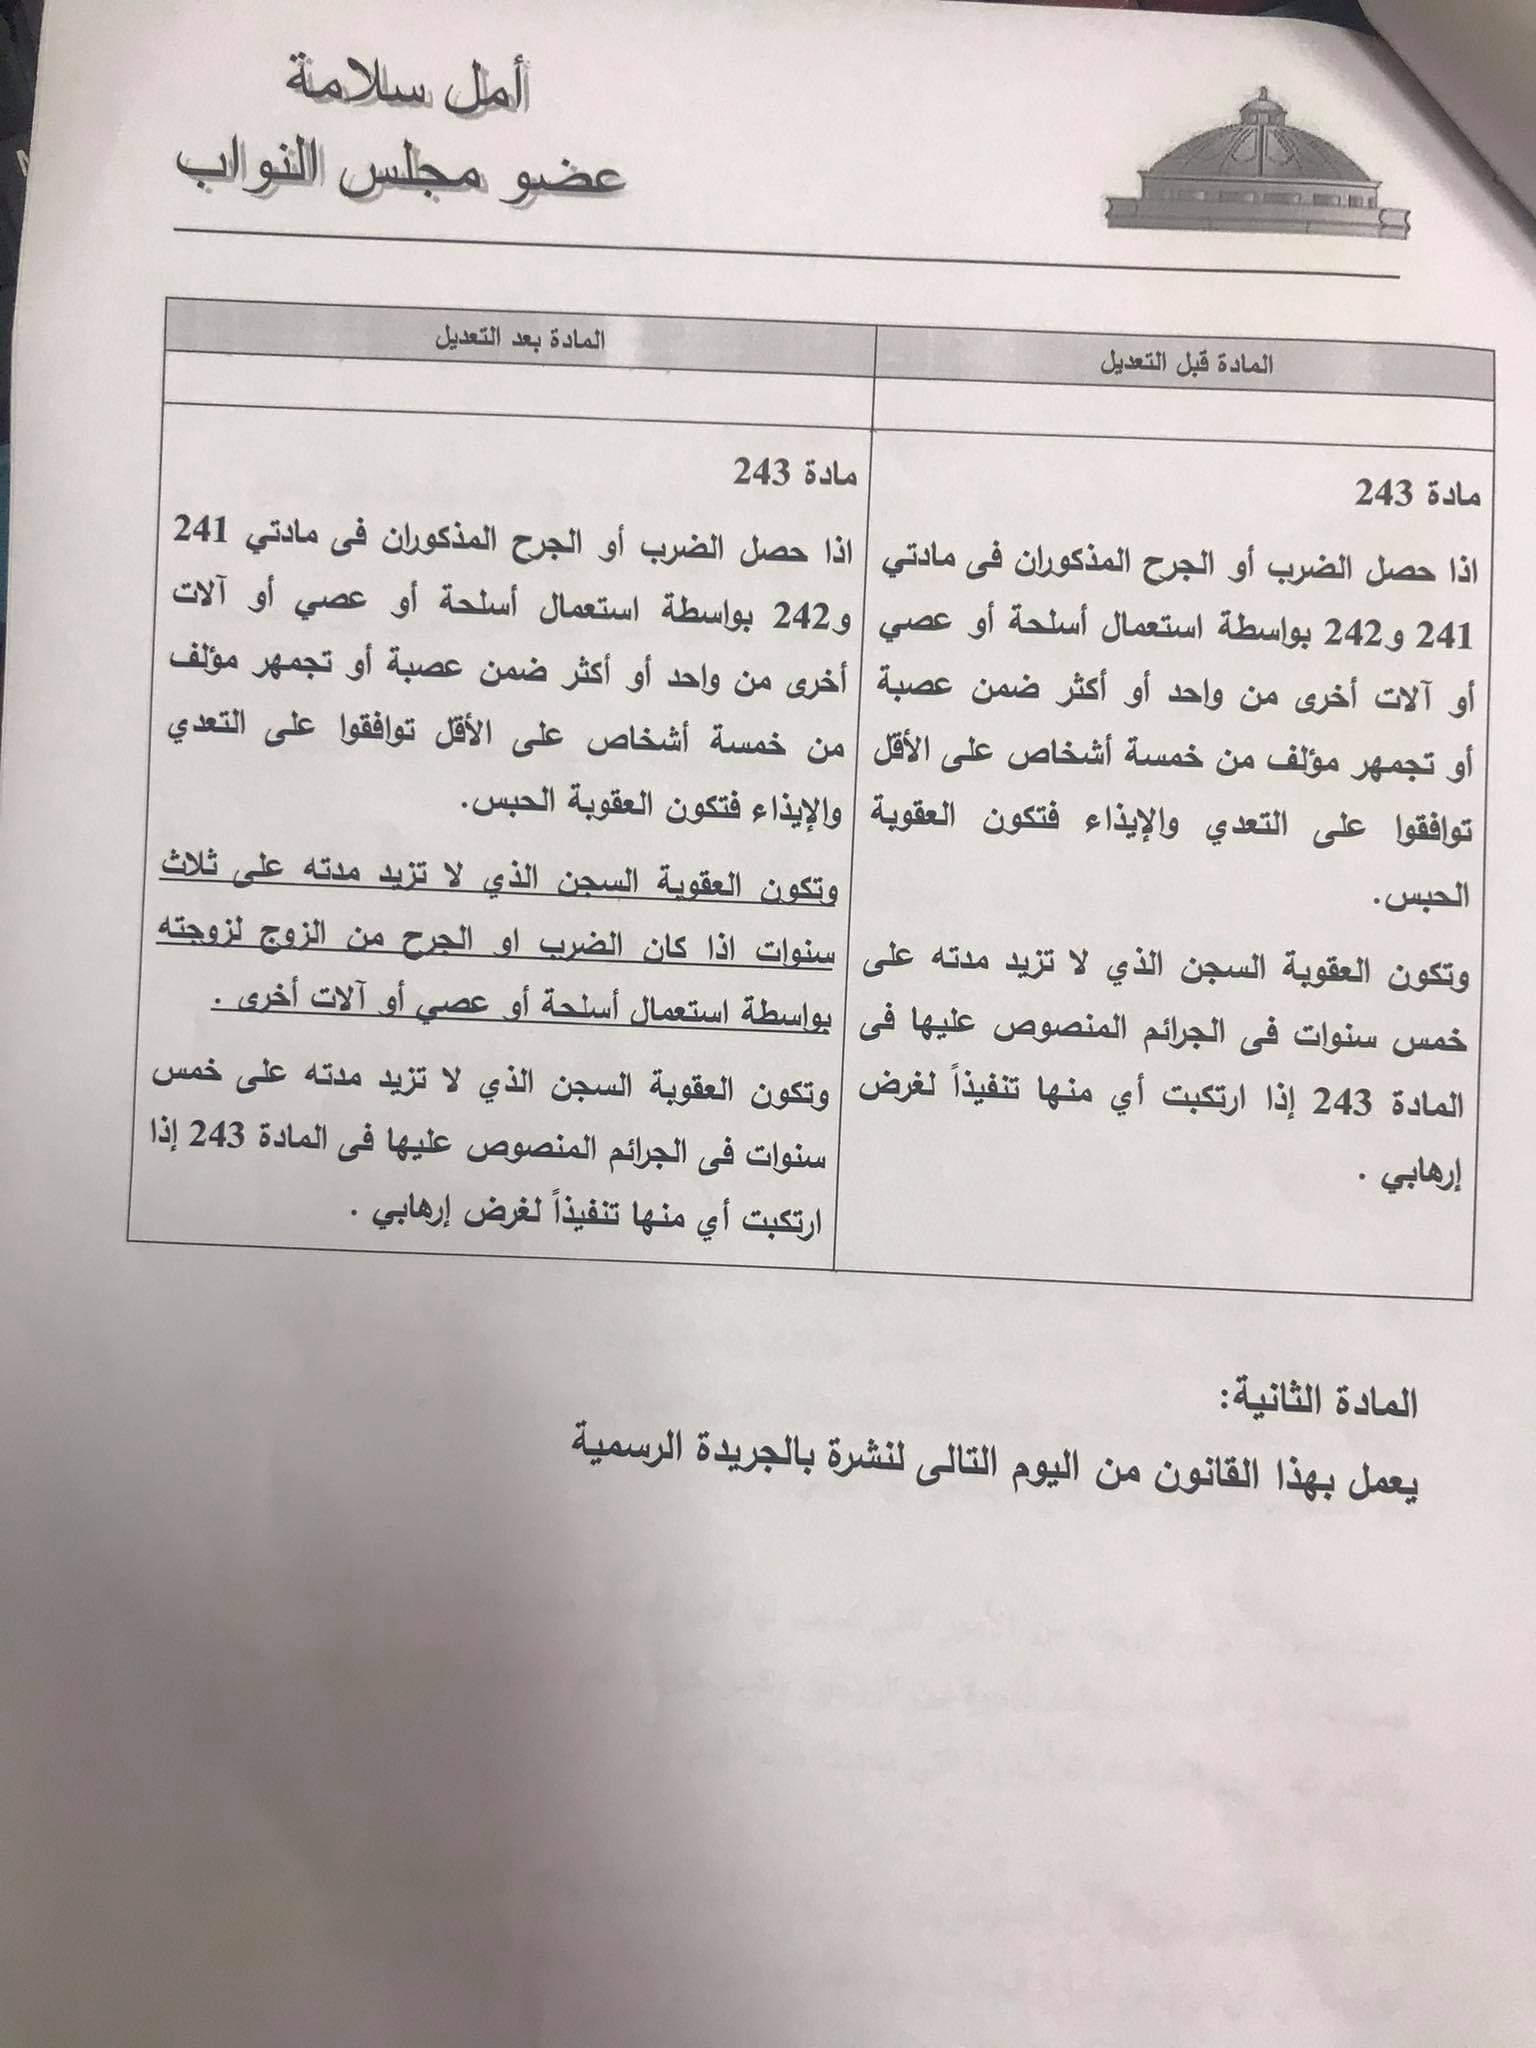 ننشر بالمستندات تفاصيل مشروع قانون بتغليظ عقوبة التعدي على الزوجة بالضرب والحبس من 3 لـ5 سنوات ينتظر الأزواج 5